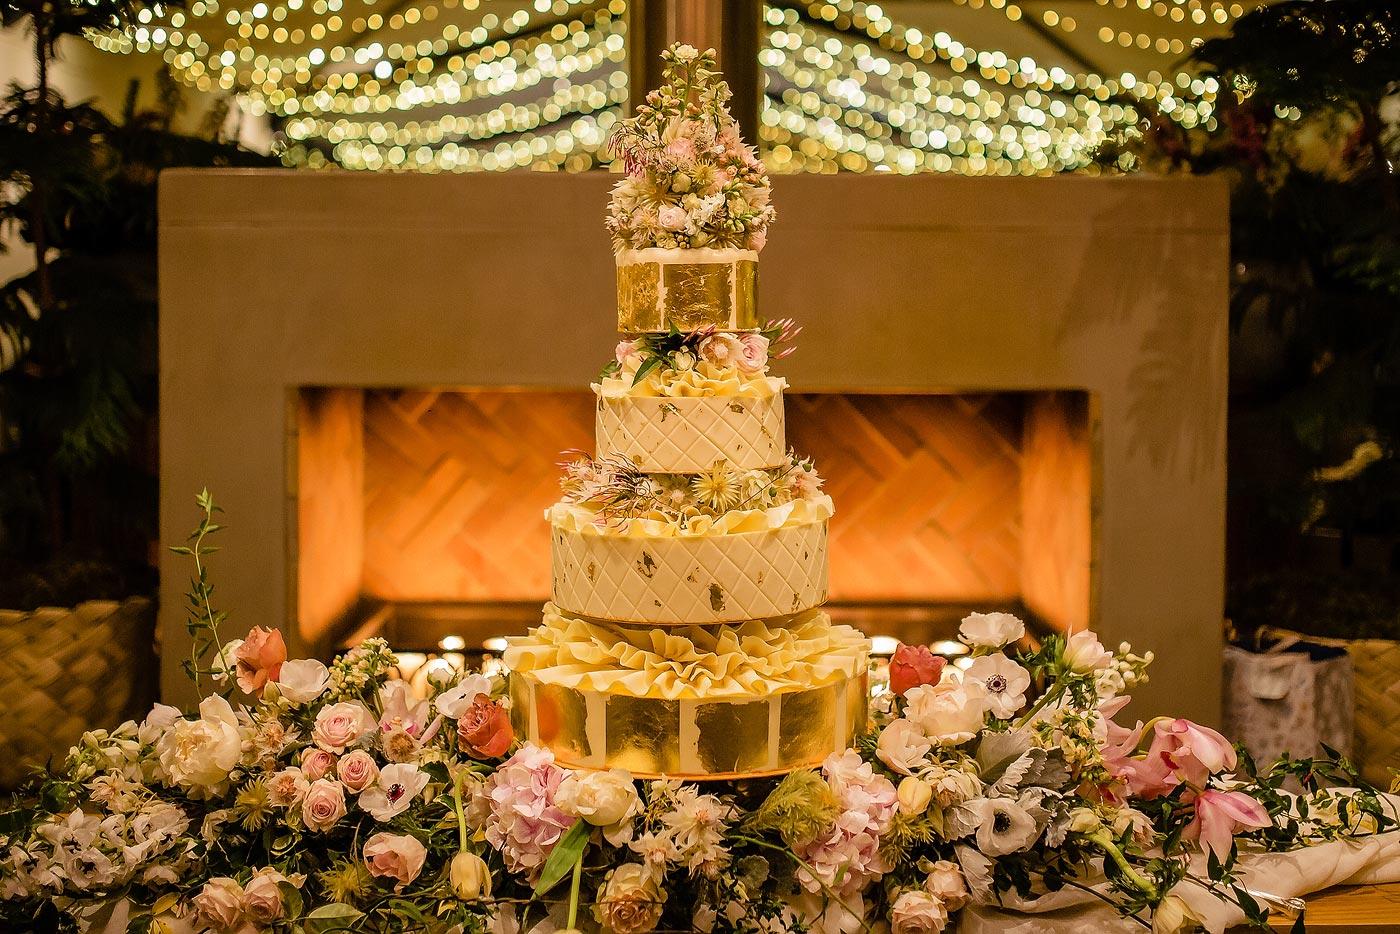 Elaborate, Elegant Gold Wedding Cake with flowers